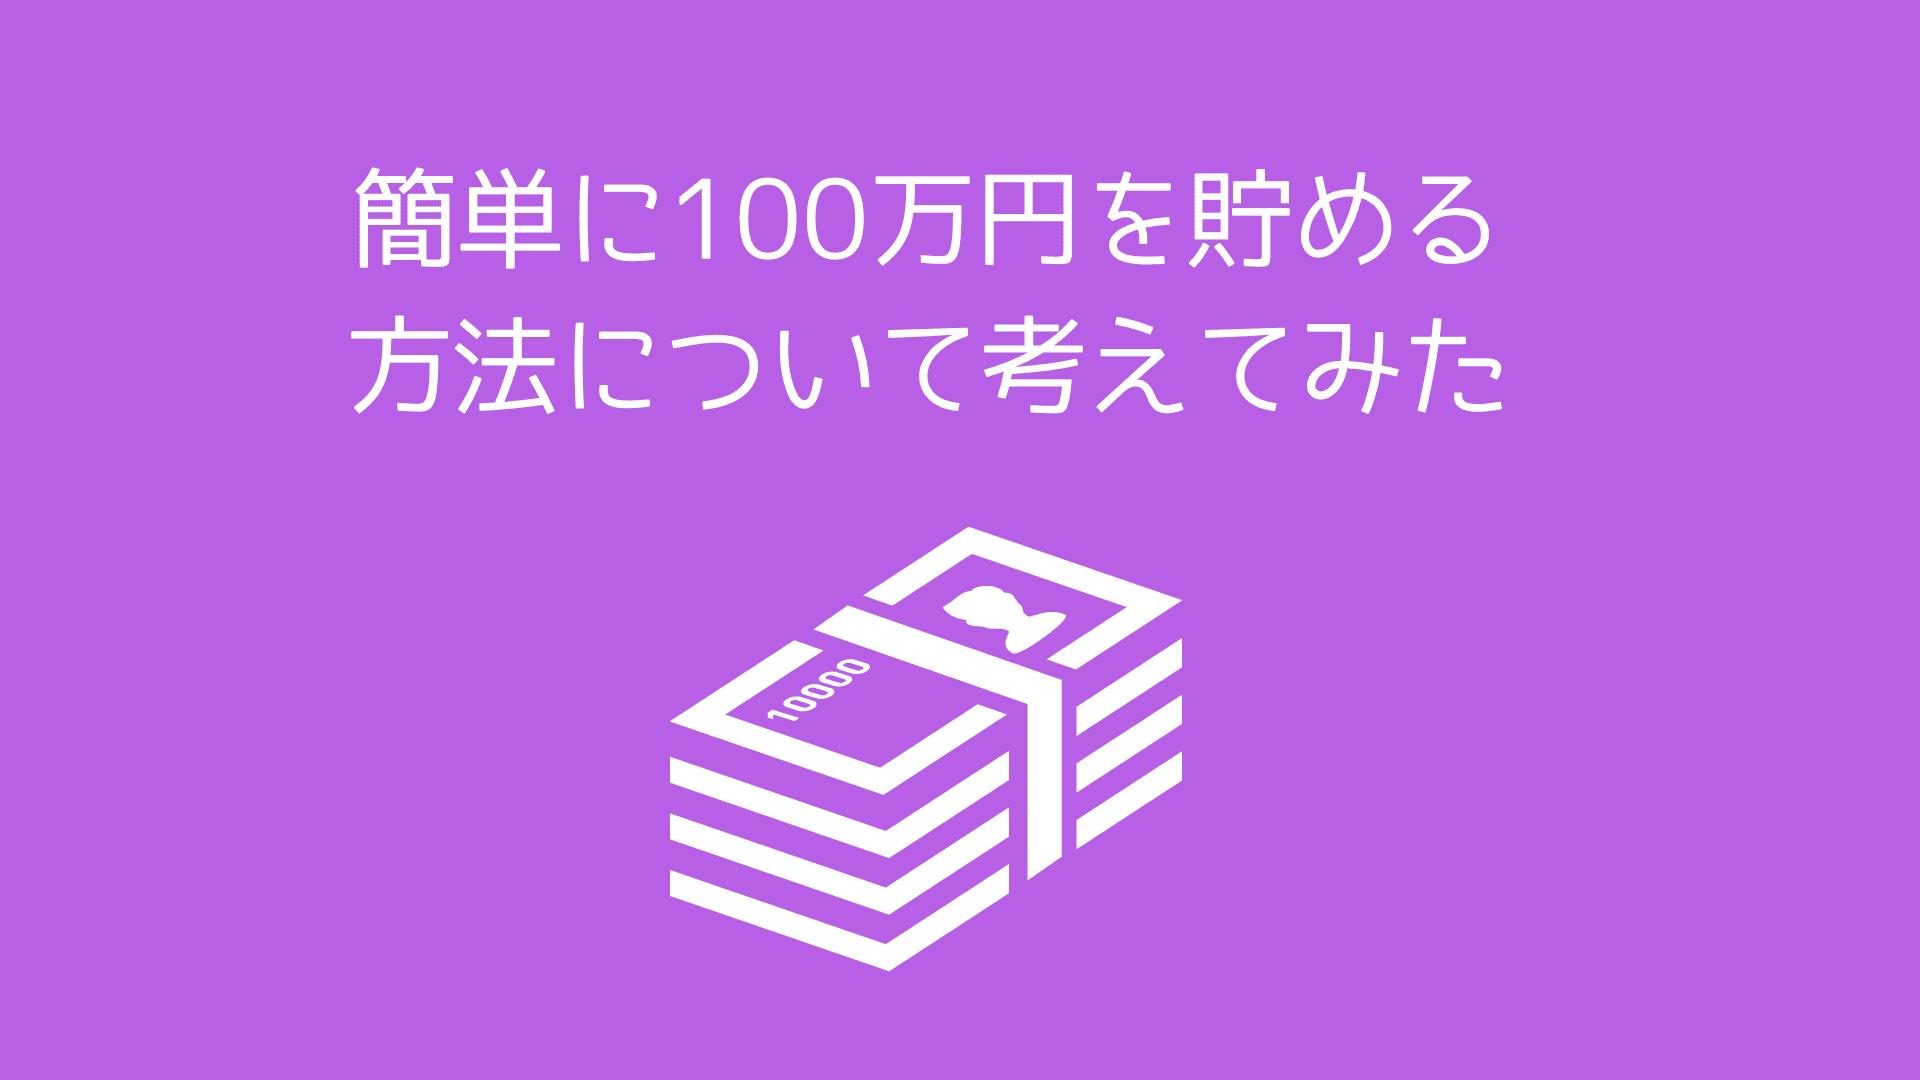 簡単に100万円を貯める方法について考えてみた